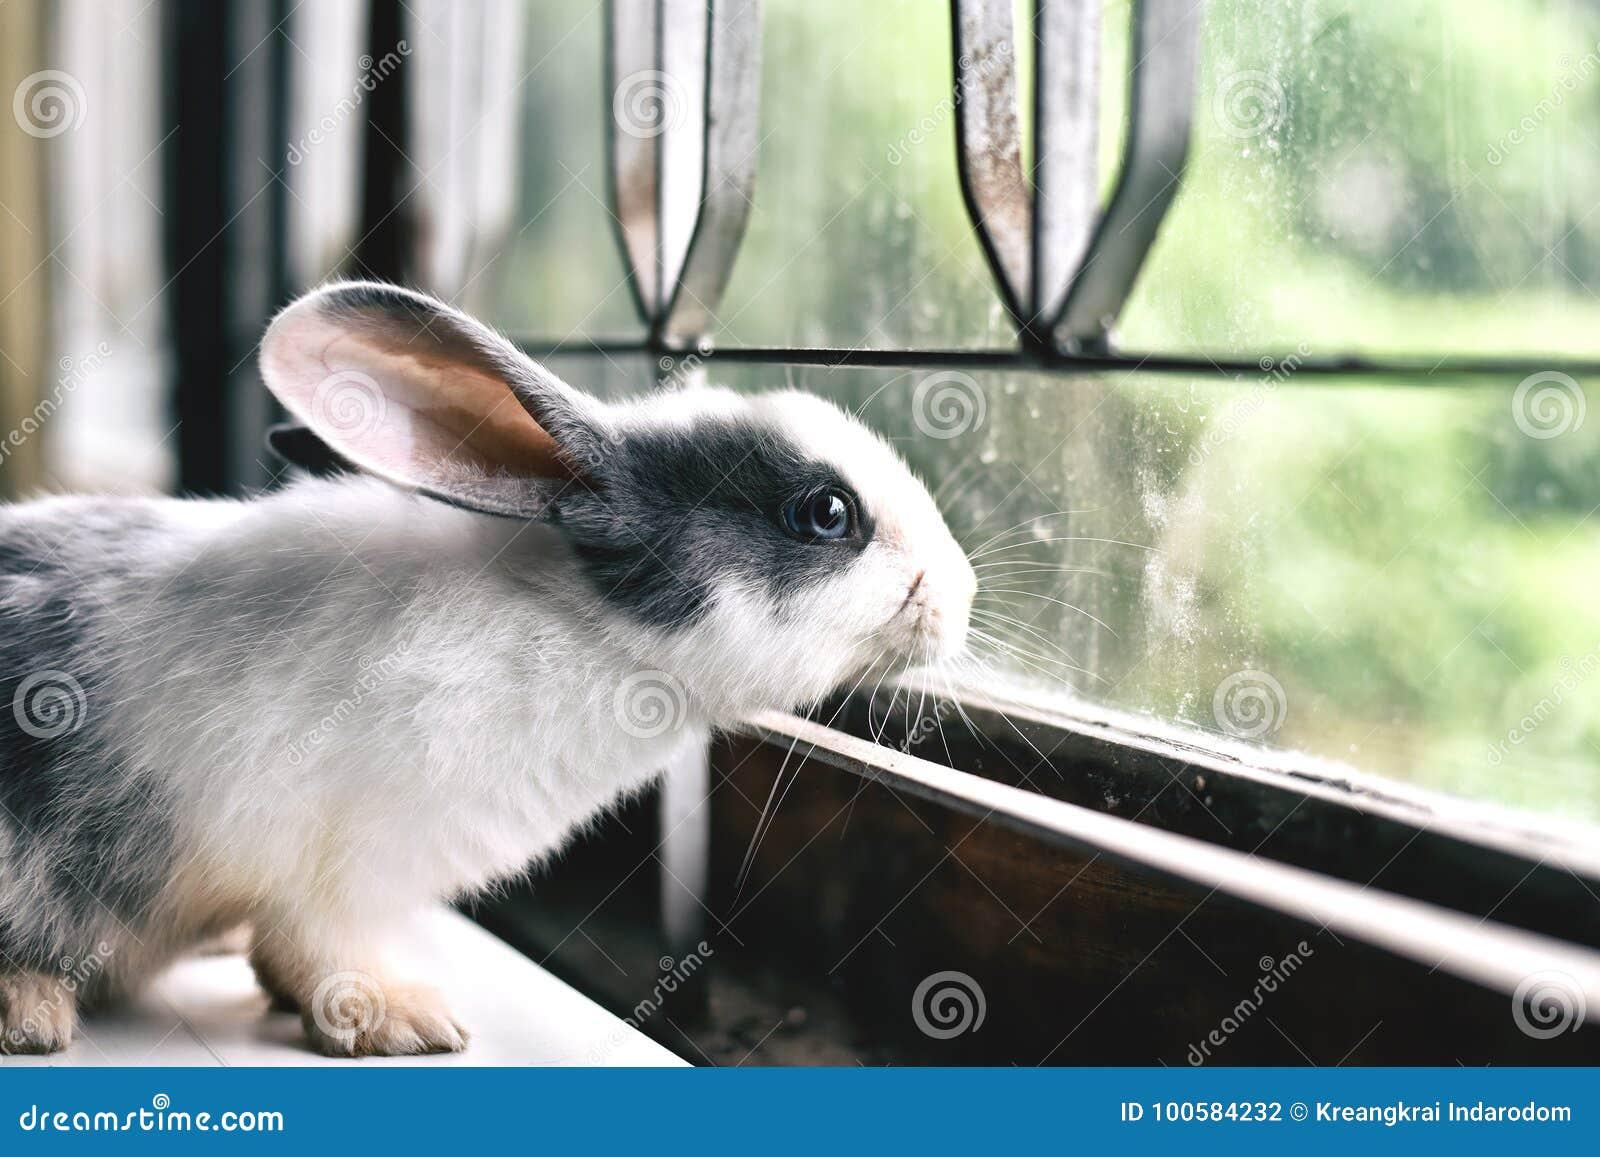 Coniglio bianco che guarda attraverso la finestra, piccolo coniglietto curioso che guarda fuori la finestra nel giorno soleggiato